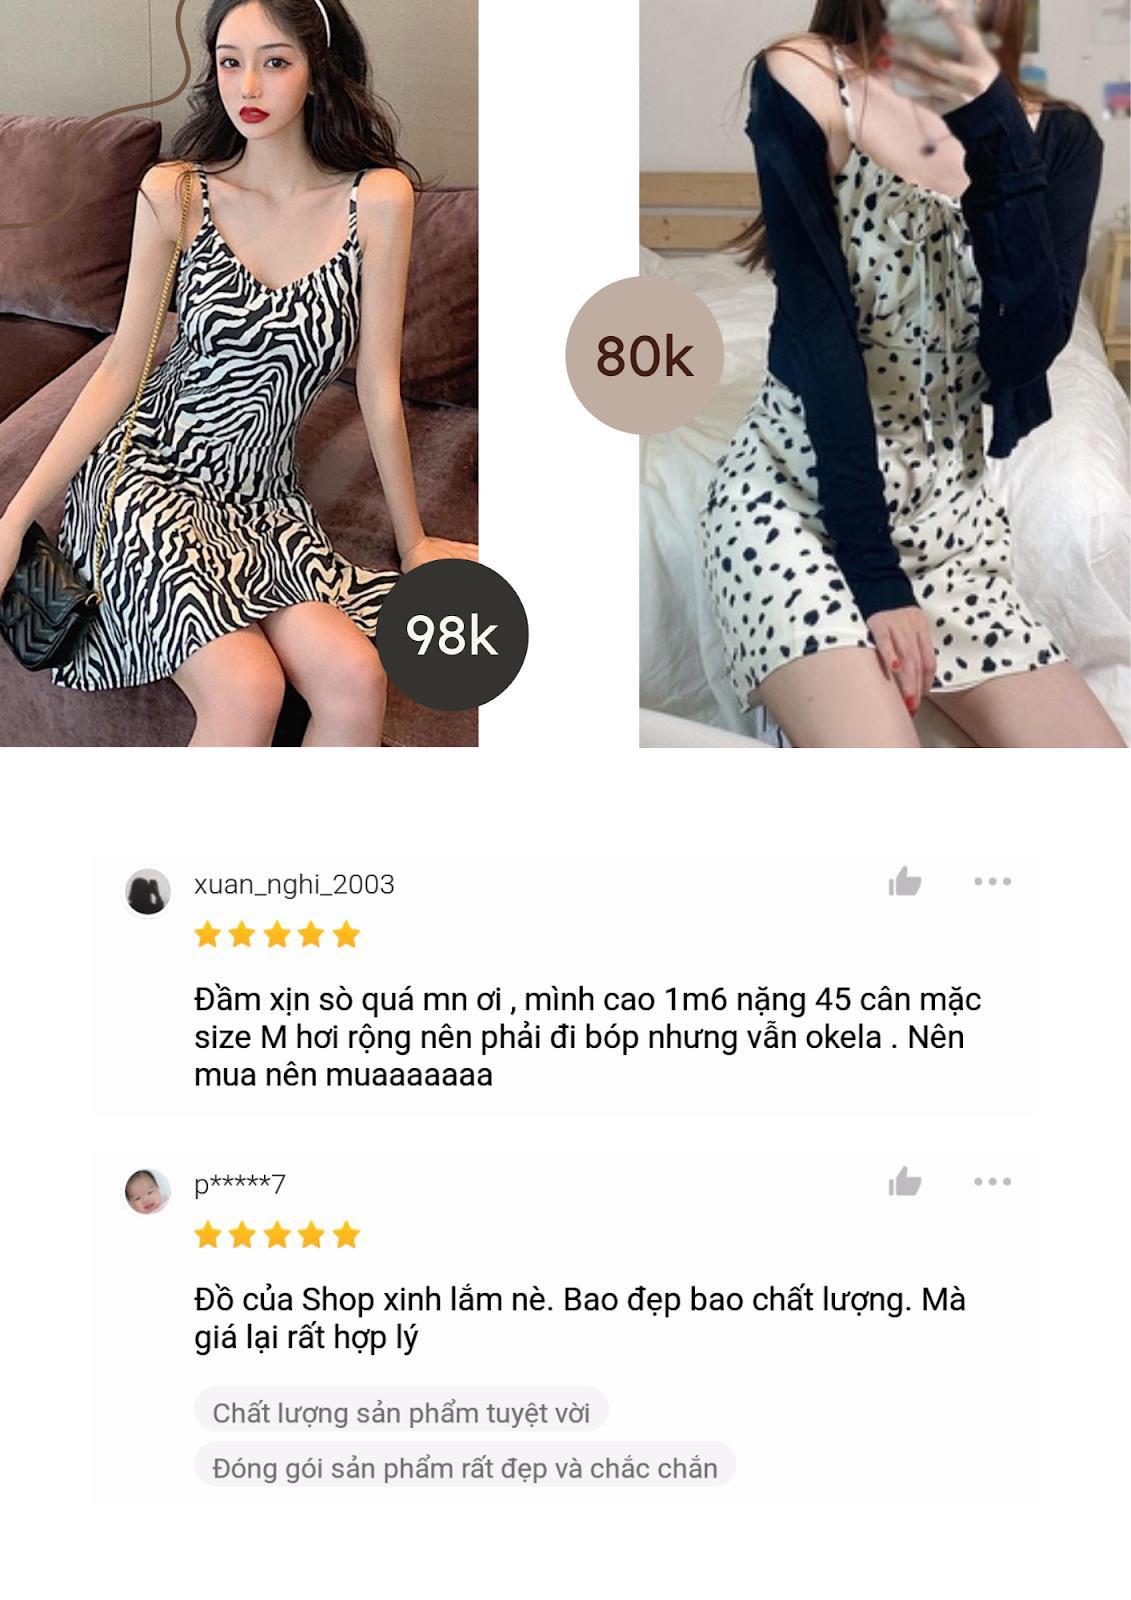 Lướt Shopee mỗi ngày có chắc bạn biết 5 shop quần áo bán váy hoa siêu xinh có giá từ 80K! - Ảnh 1.